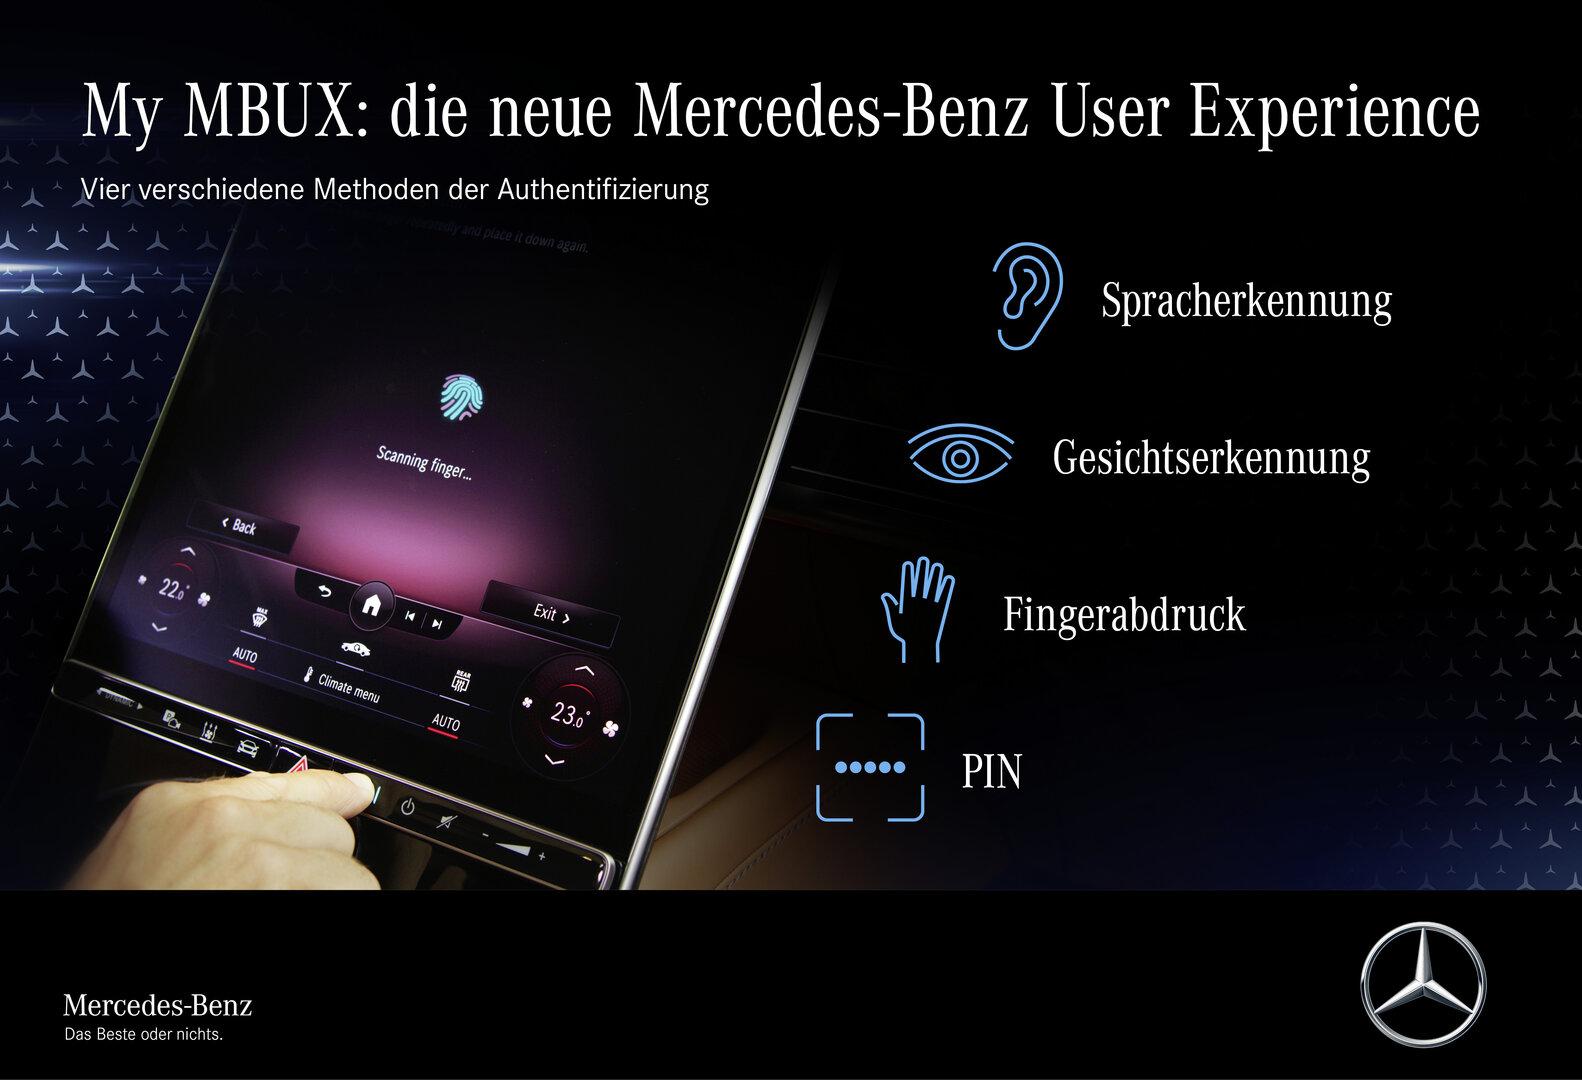 Biometrische Authentifizierung im Überblick